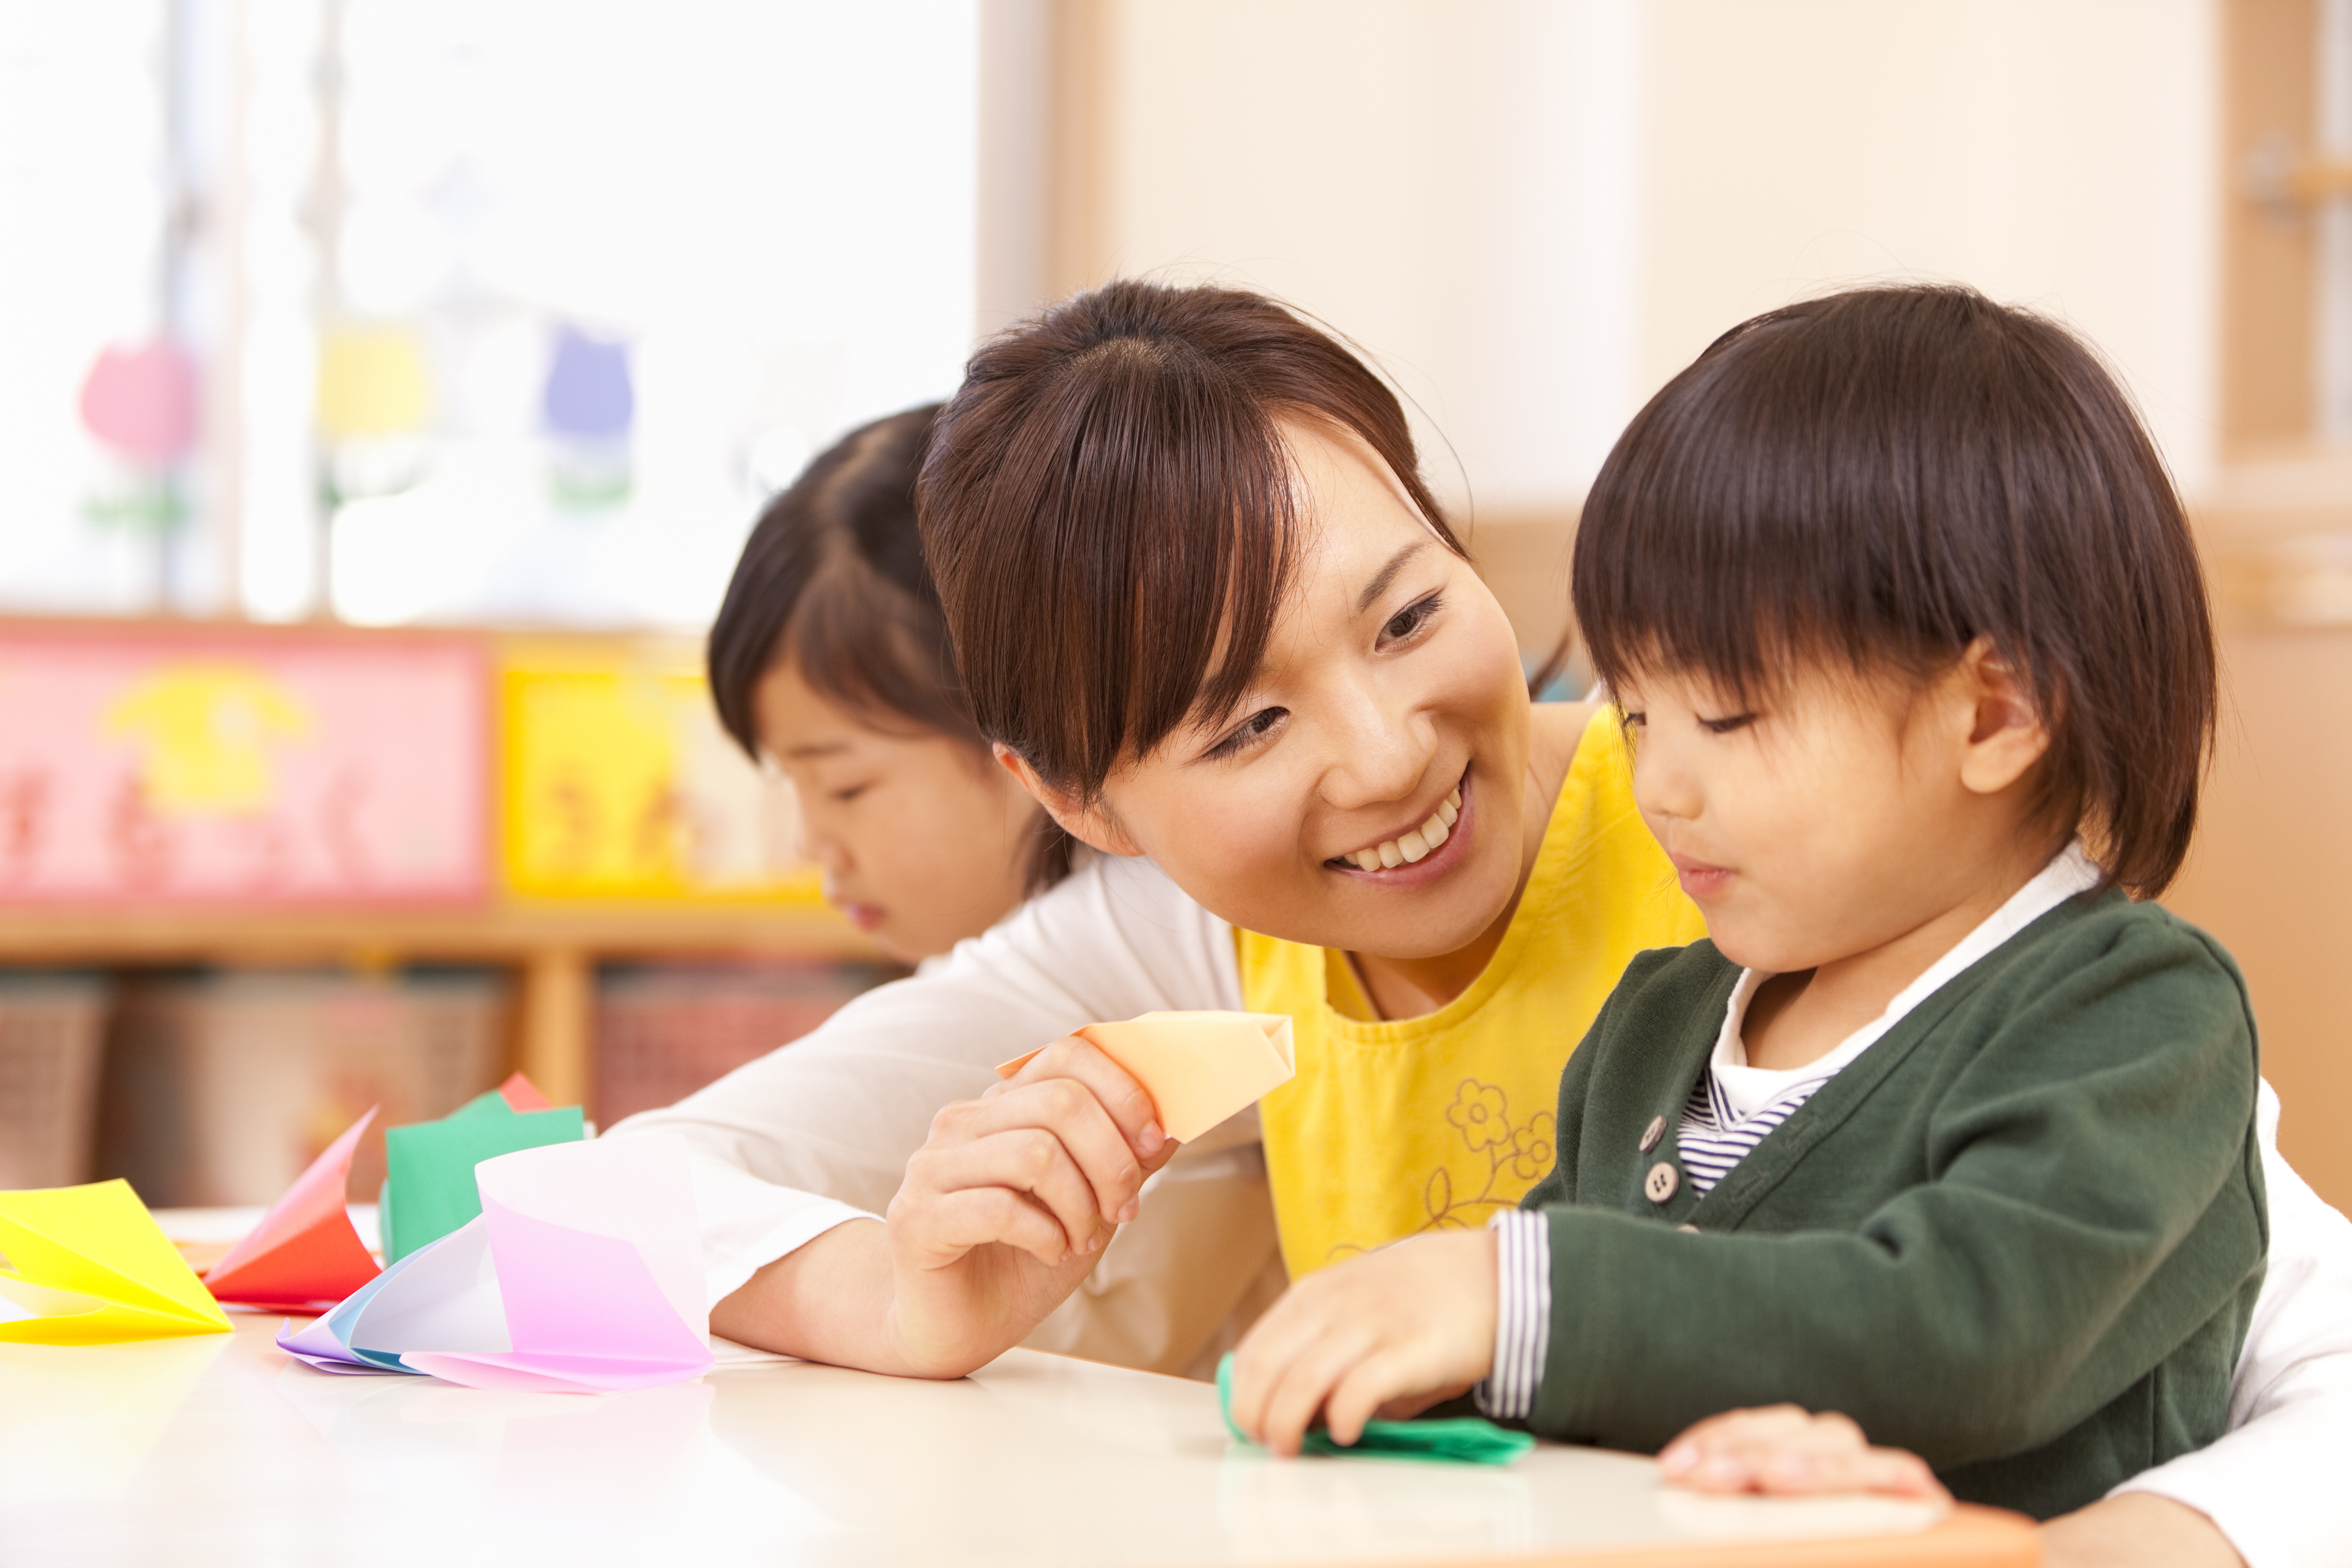 3歳まではおうちで見るべき?幼稚園派の私が保育園に通わせようと決めた理由